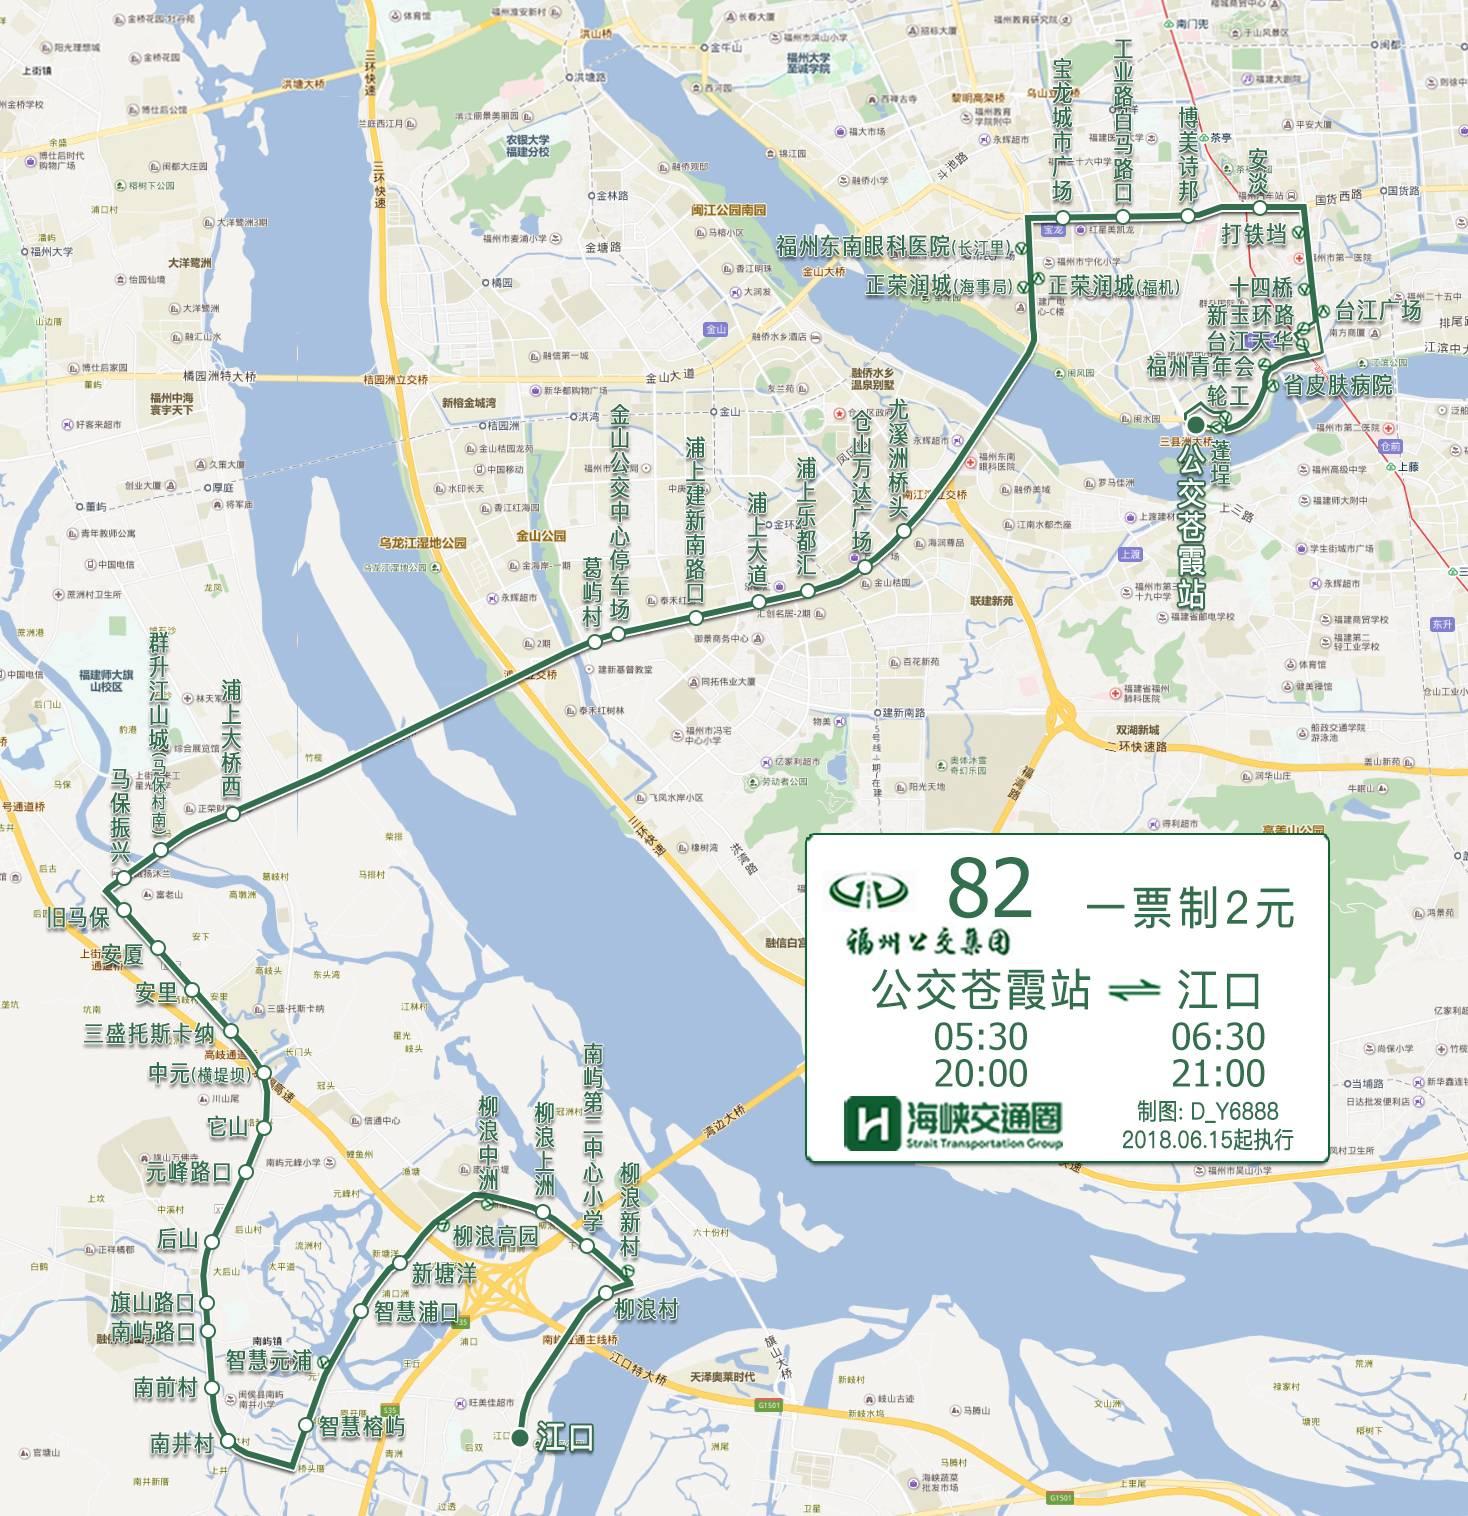 福州82(1).jpg